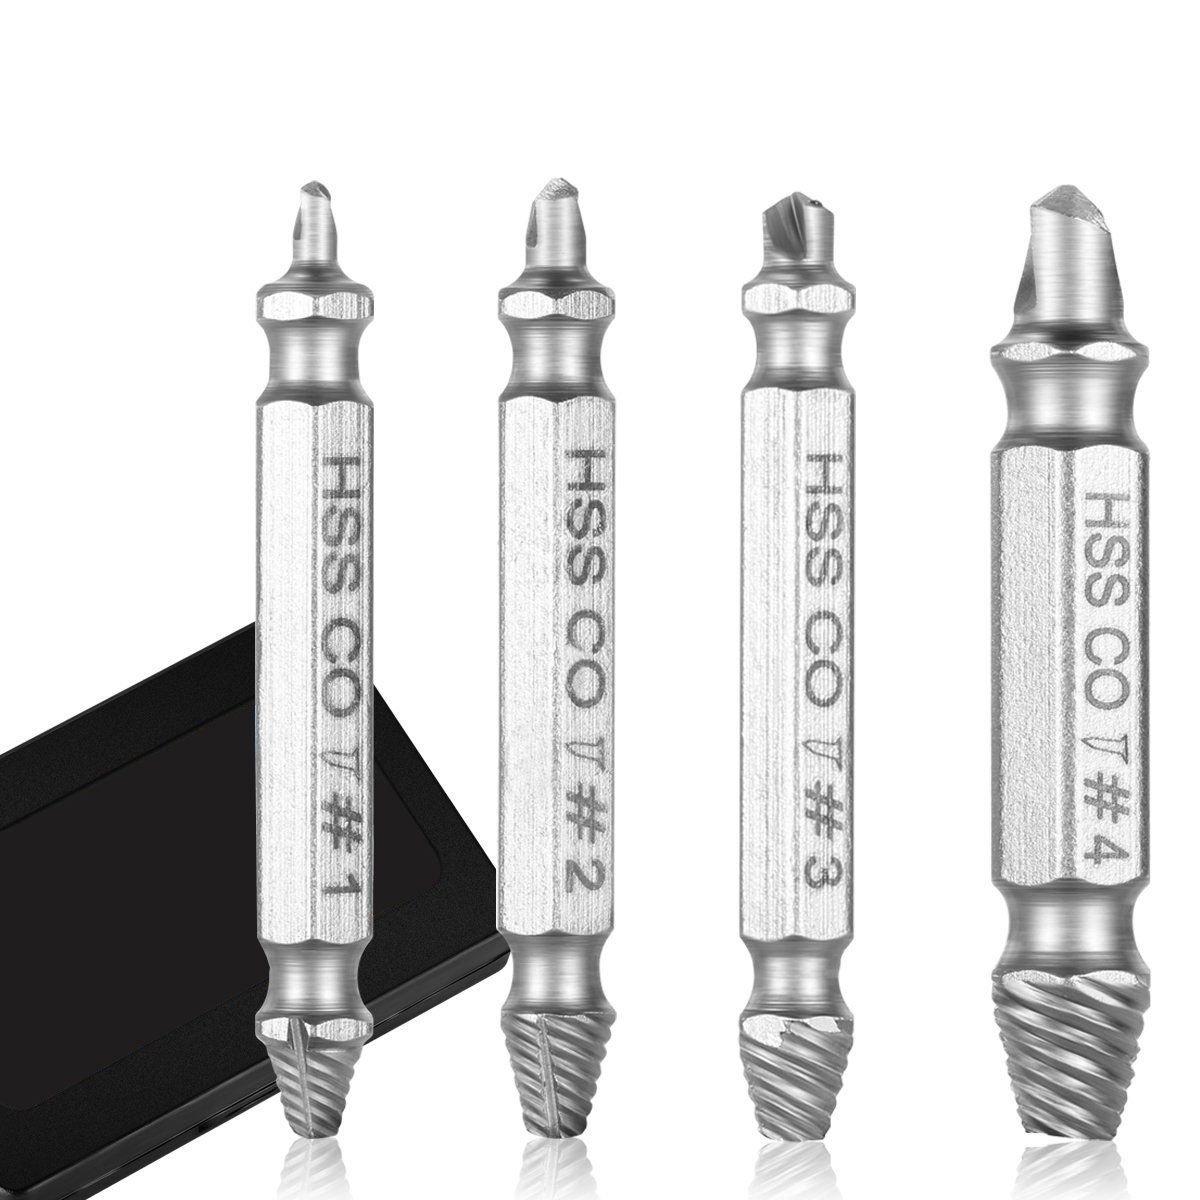 SODIAL extracteur de vis endommage, ensembles d'outils, 4 pieces pour enlever facilement, vis de durete cassee ou endommagee fabrique a partir de HSS Co (cobalt) M35 raffine ensembles d' outils